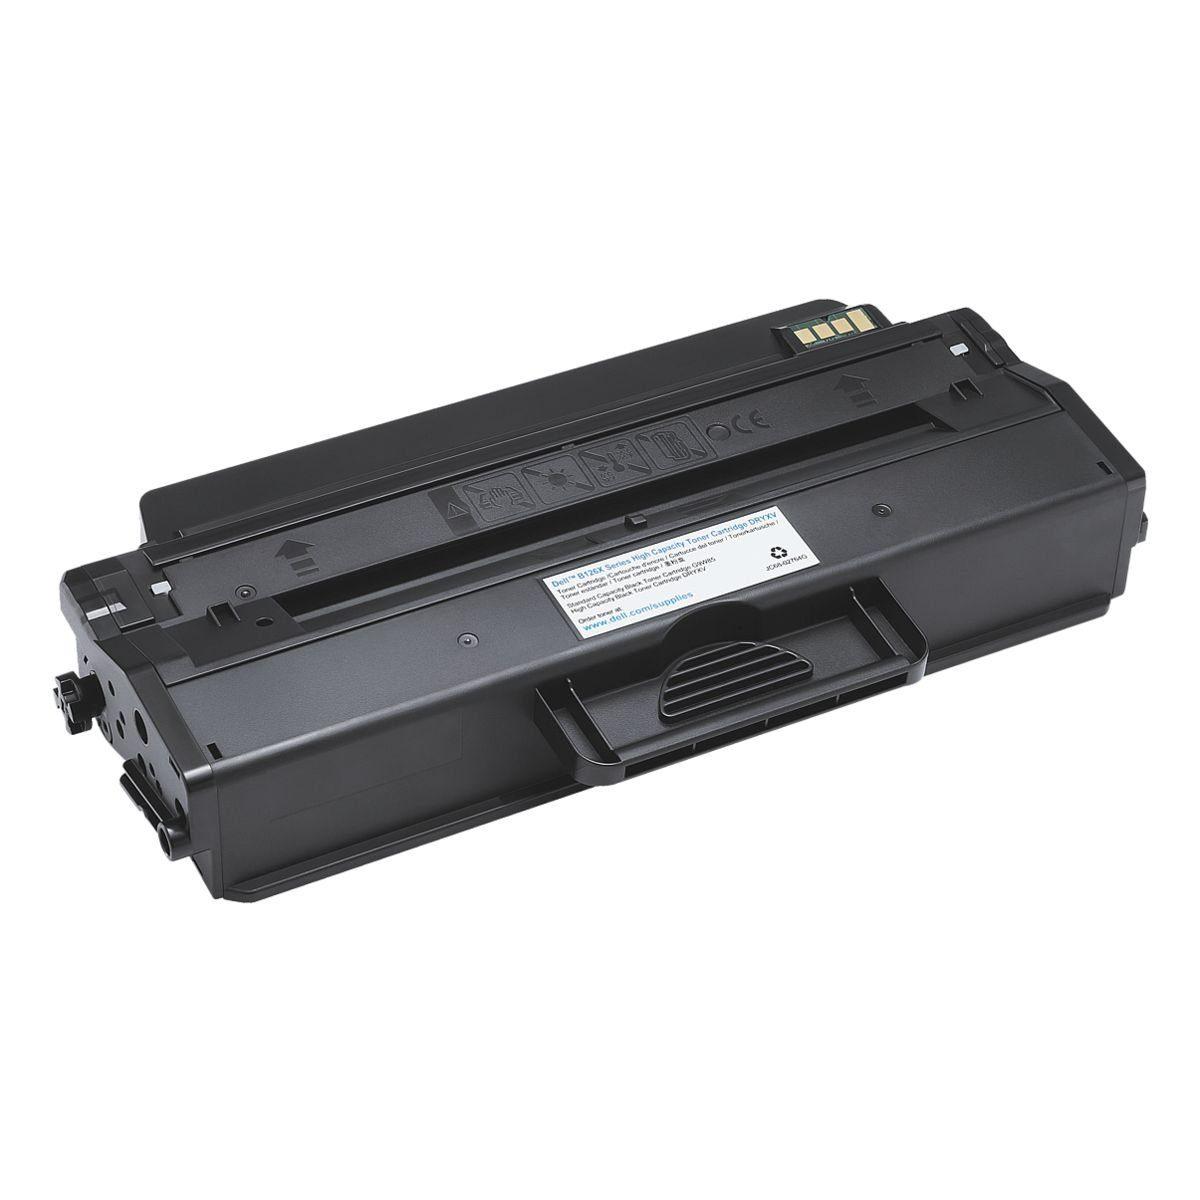 Dell EMC Tonerkassette »593-11109«